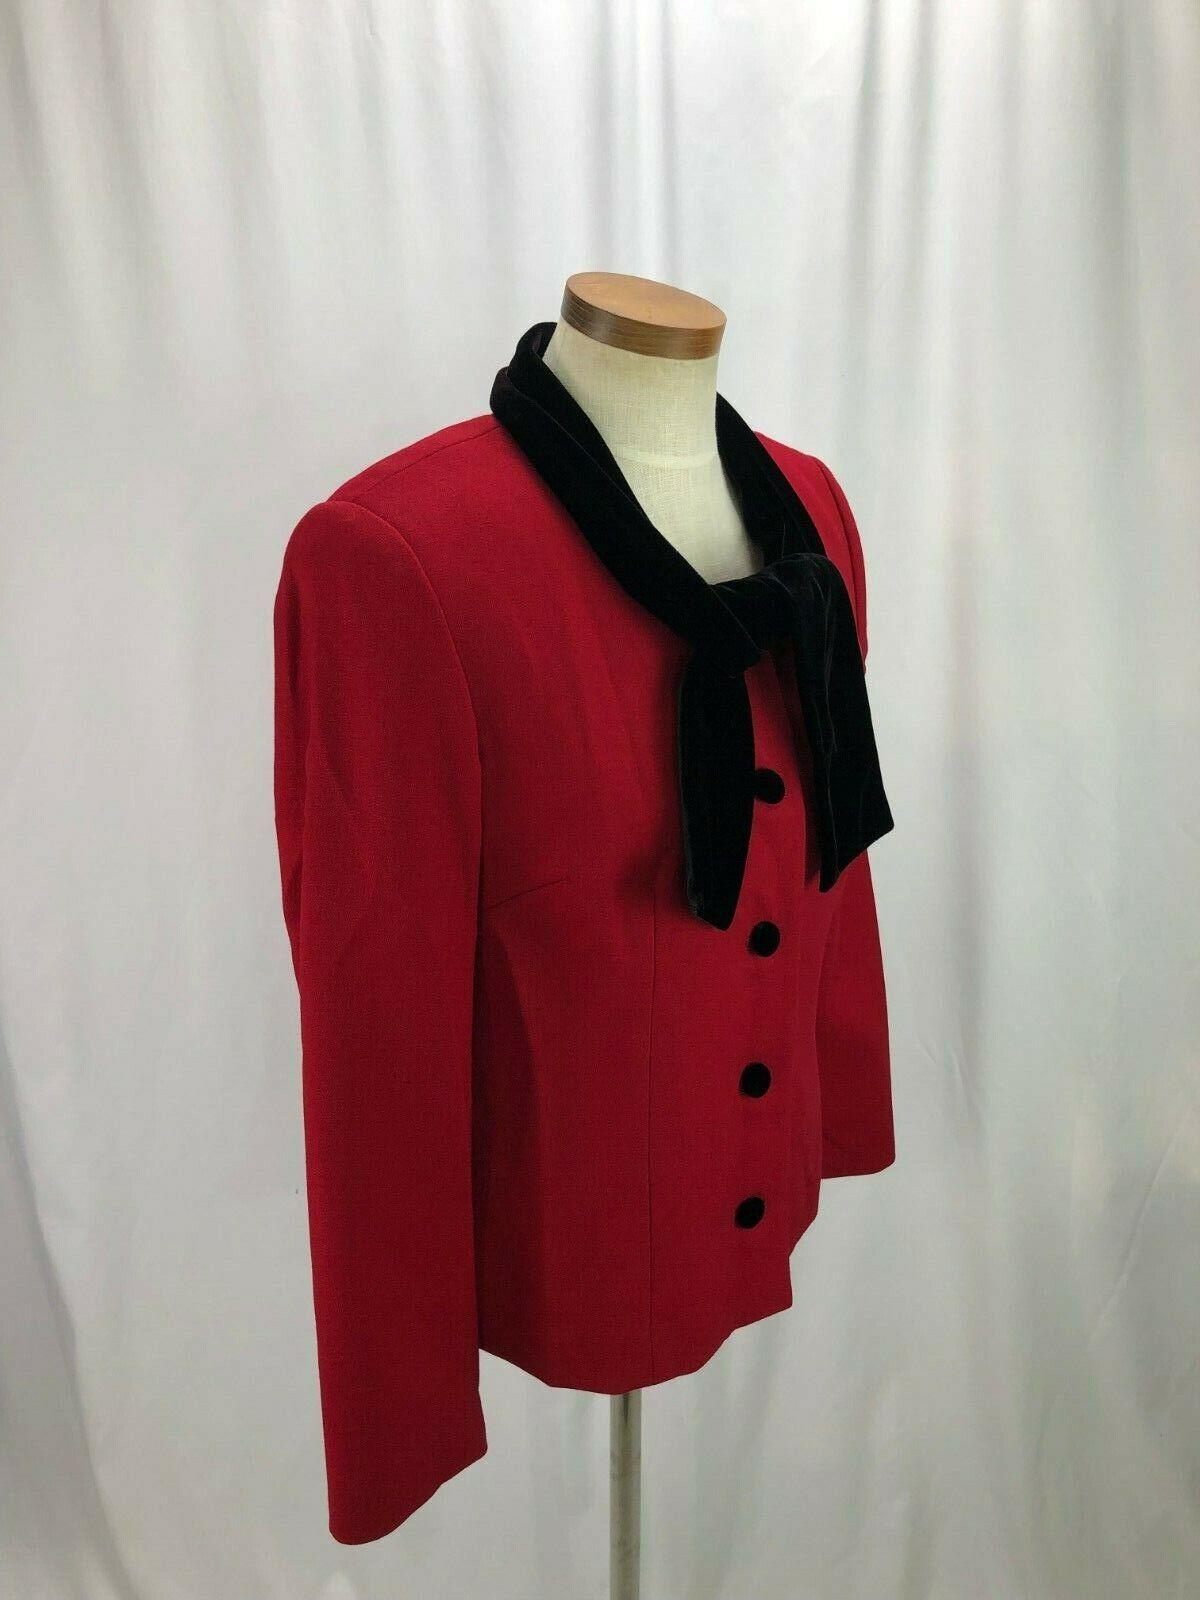 Talbots Women's Red Wool Blazer Velvet Collar 6 - image 2